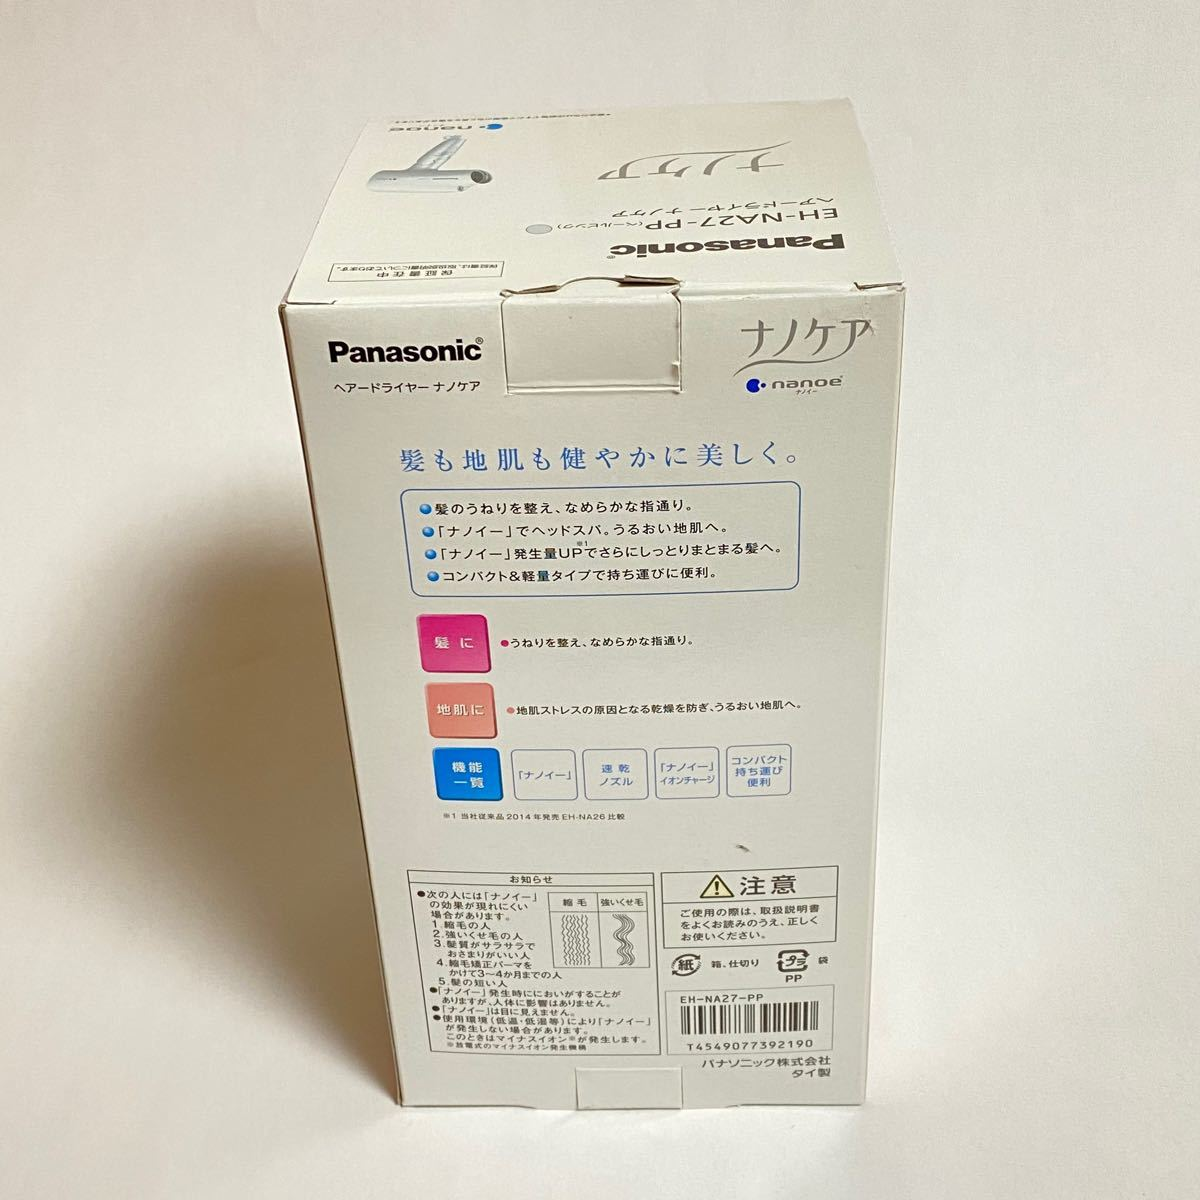 ヘアドライヤー Panasonic パナソニック ナノケア ナノイー EH-NA27 ピンクゴールド